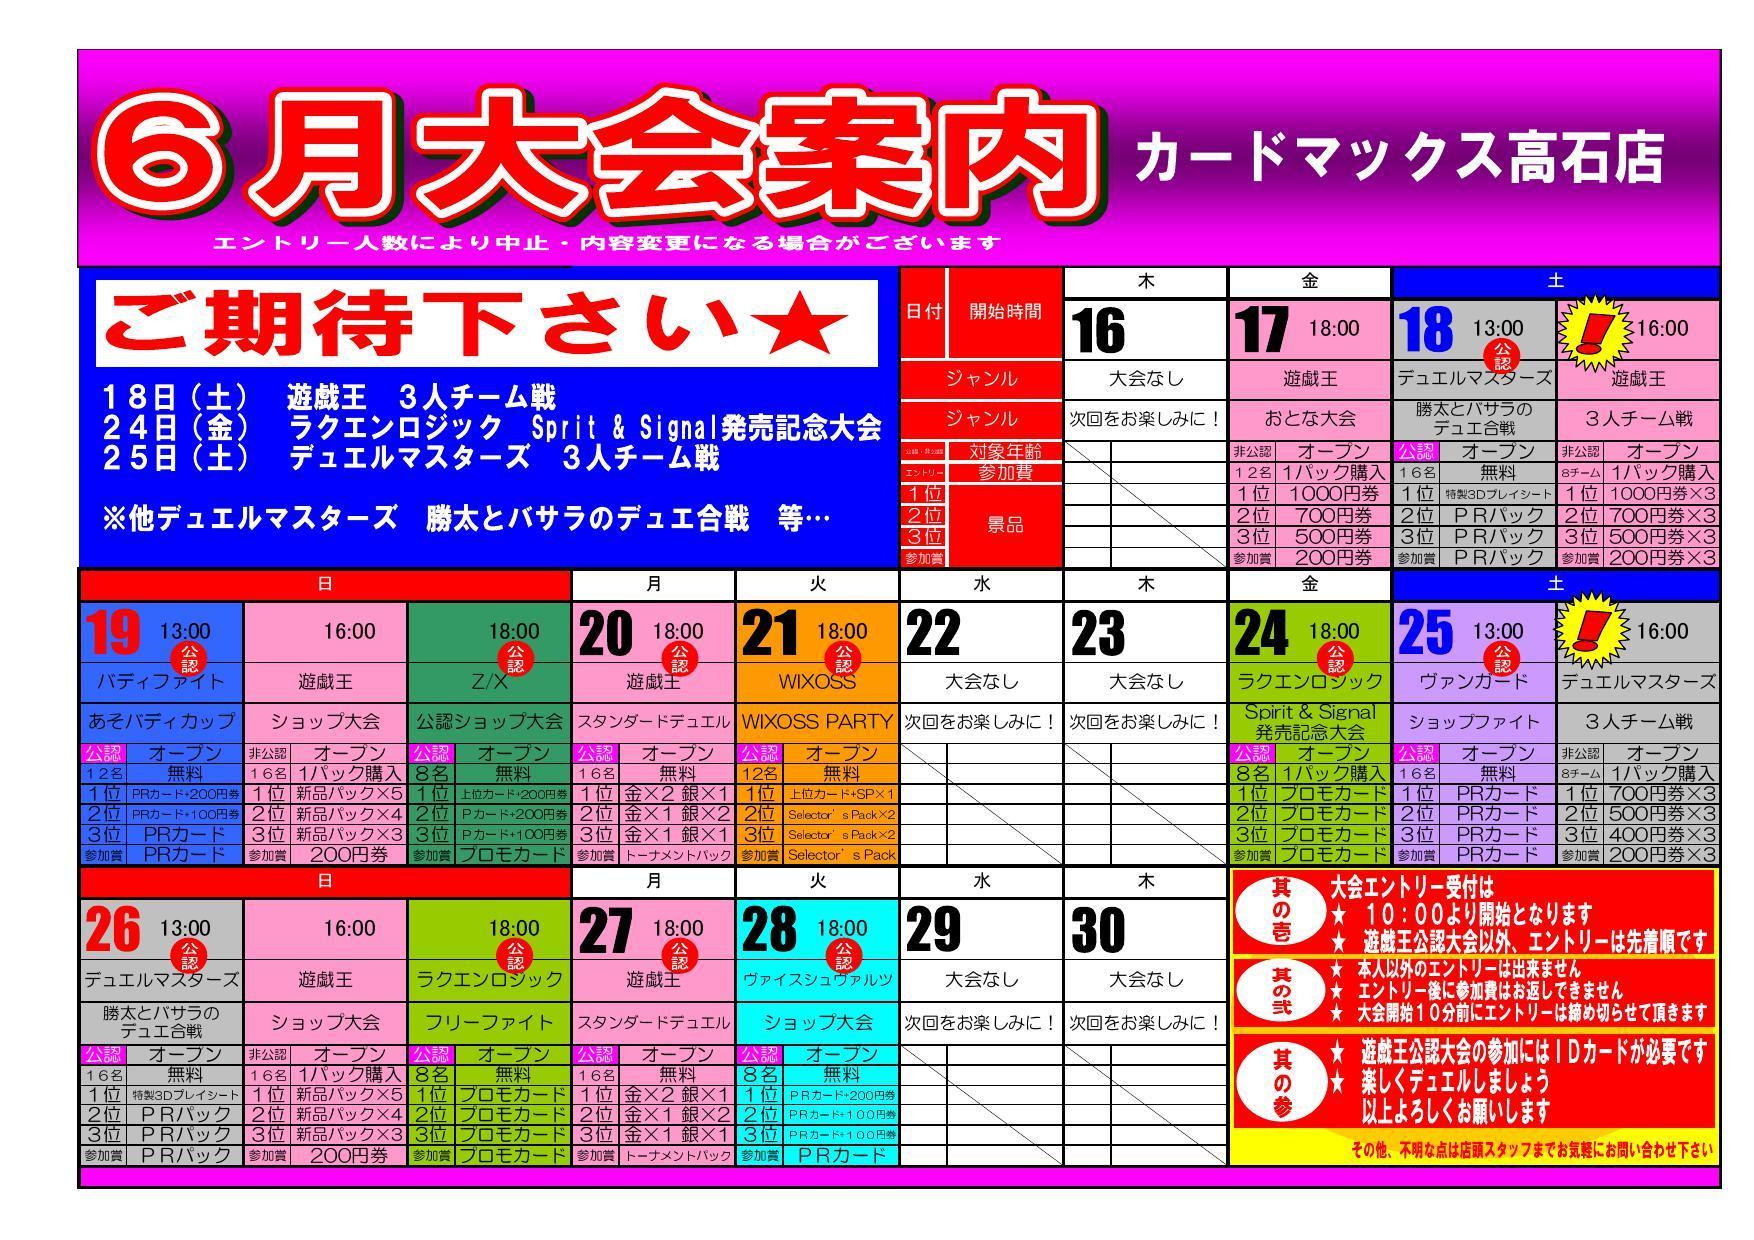 【高石店】6月後半大会情報_d0259027_20544312.jpg